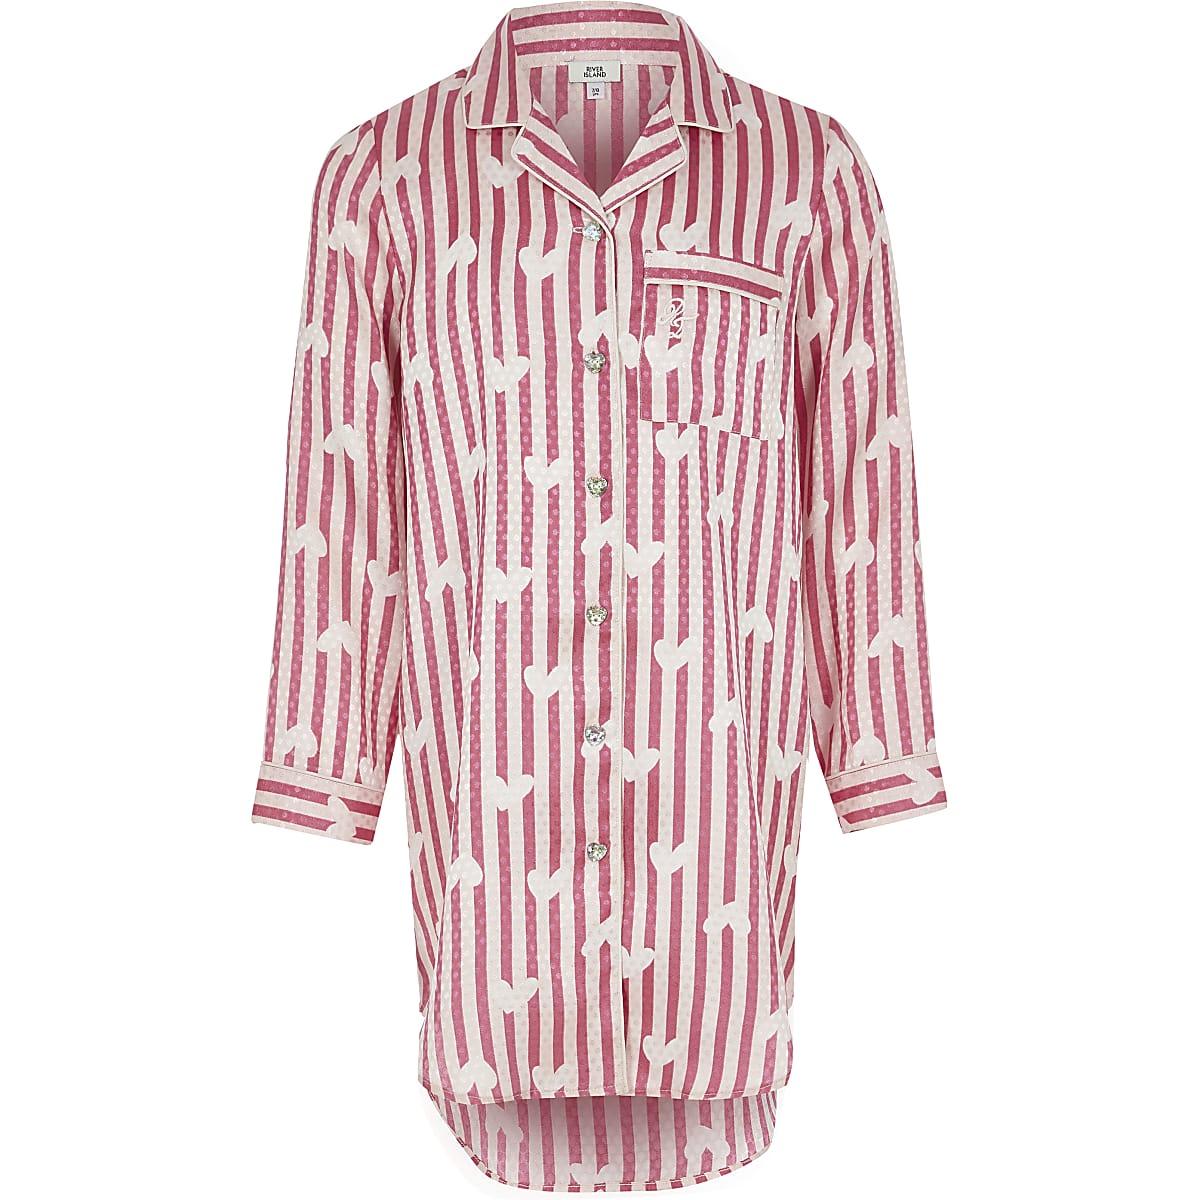 Girls pink satin printed night dress